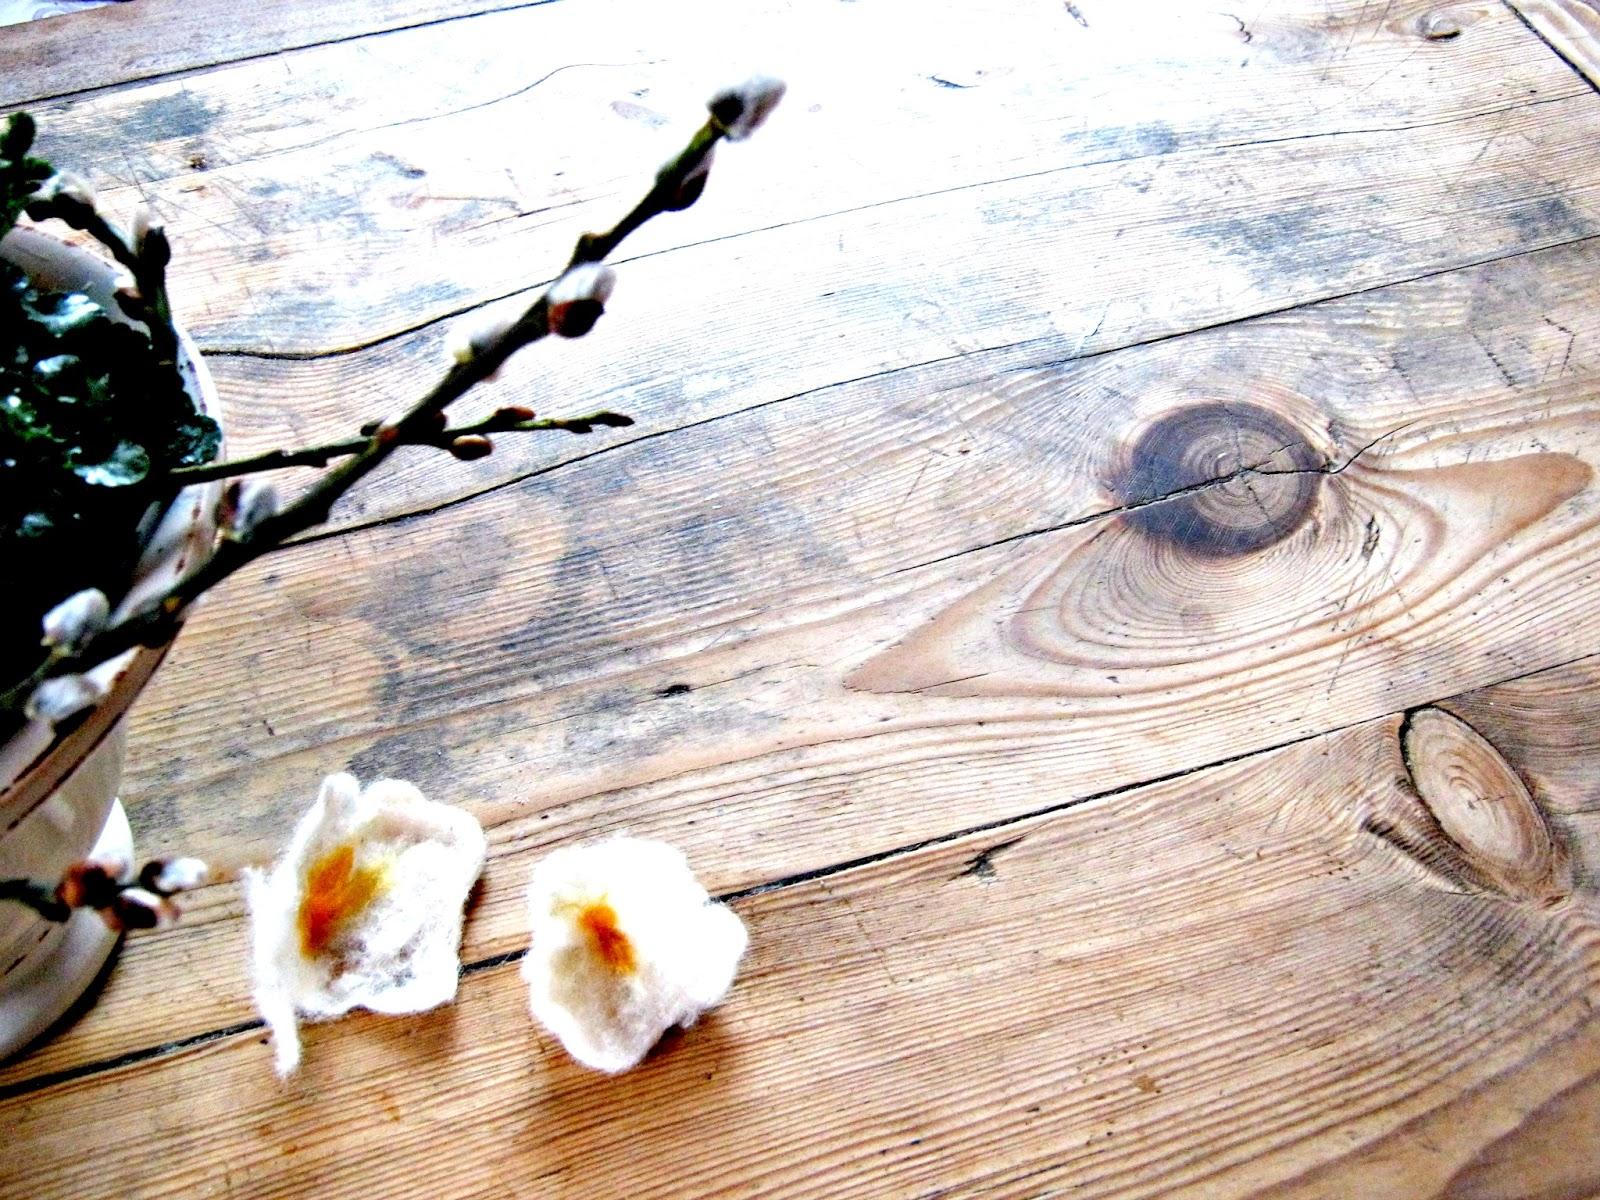 Filzblumen kinderleicht in 3 Schritten herstellen